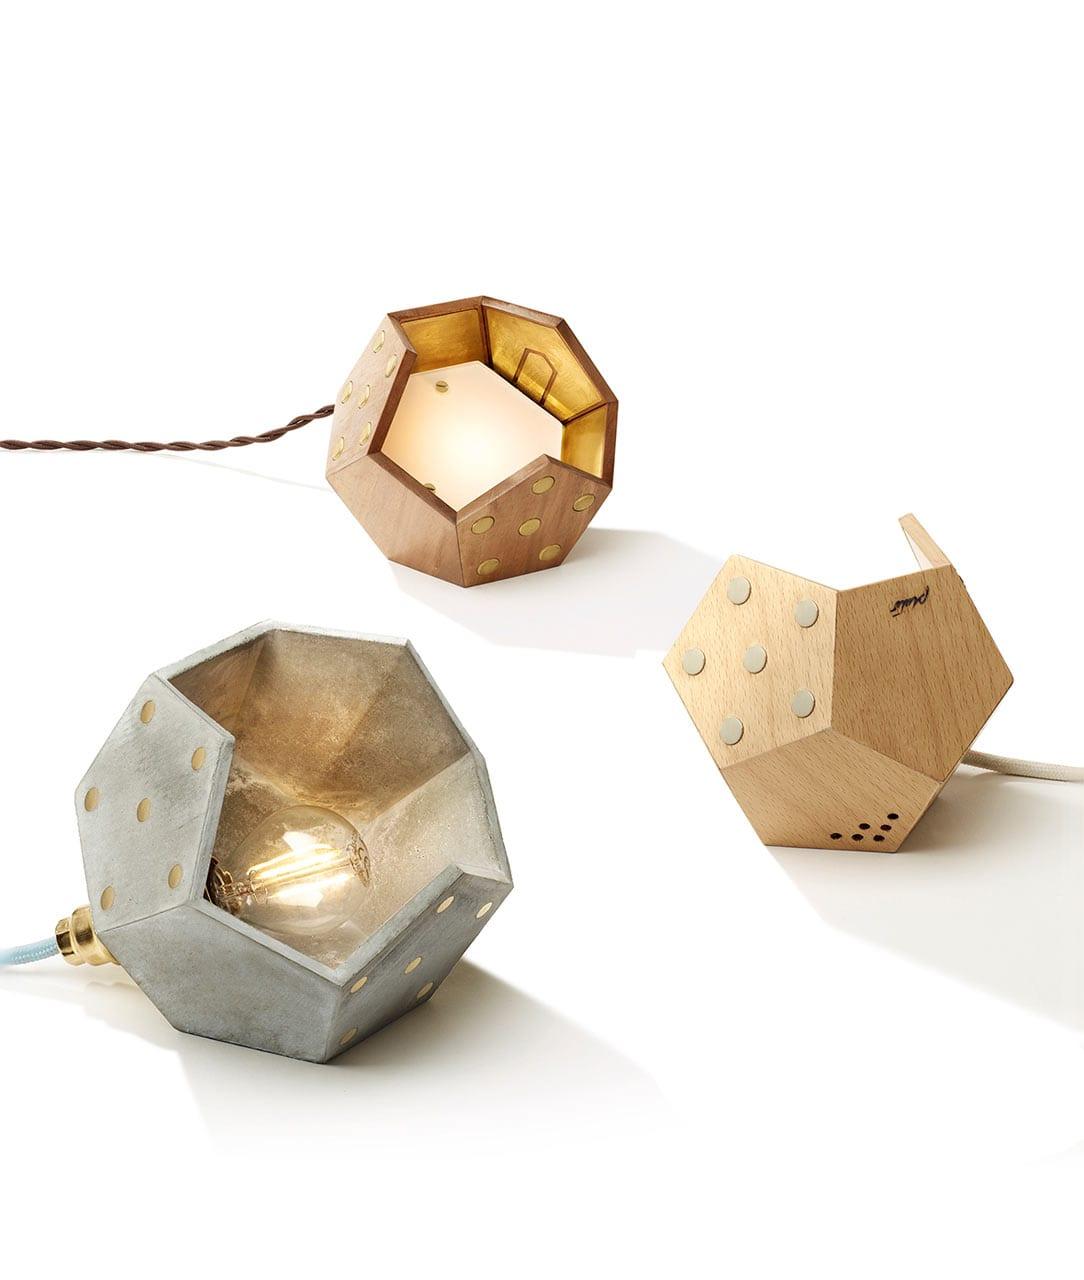 TWELVE-Lamps-Plato-Design-1